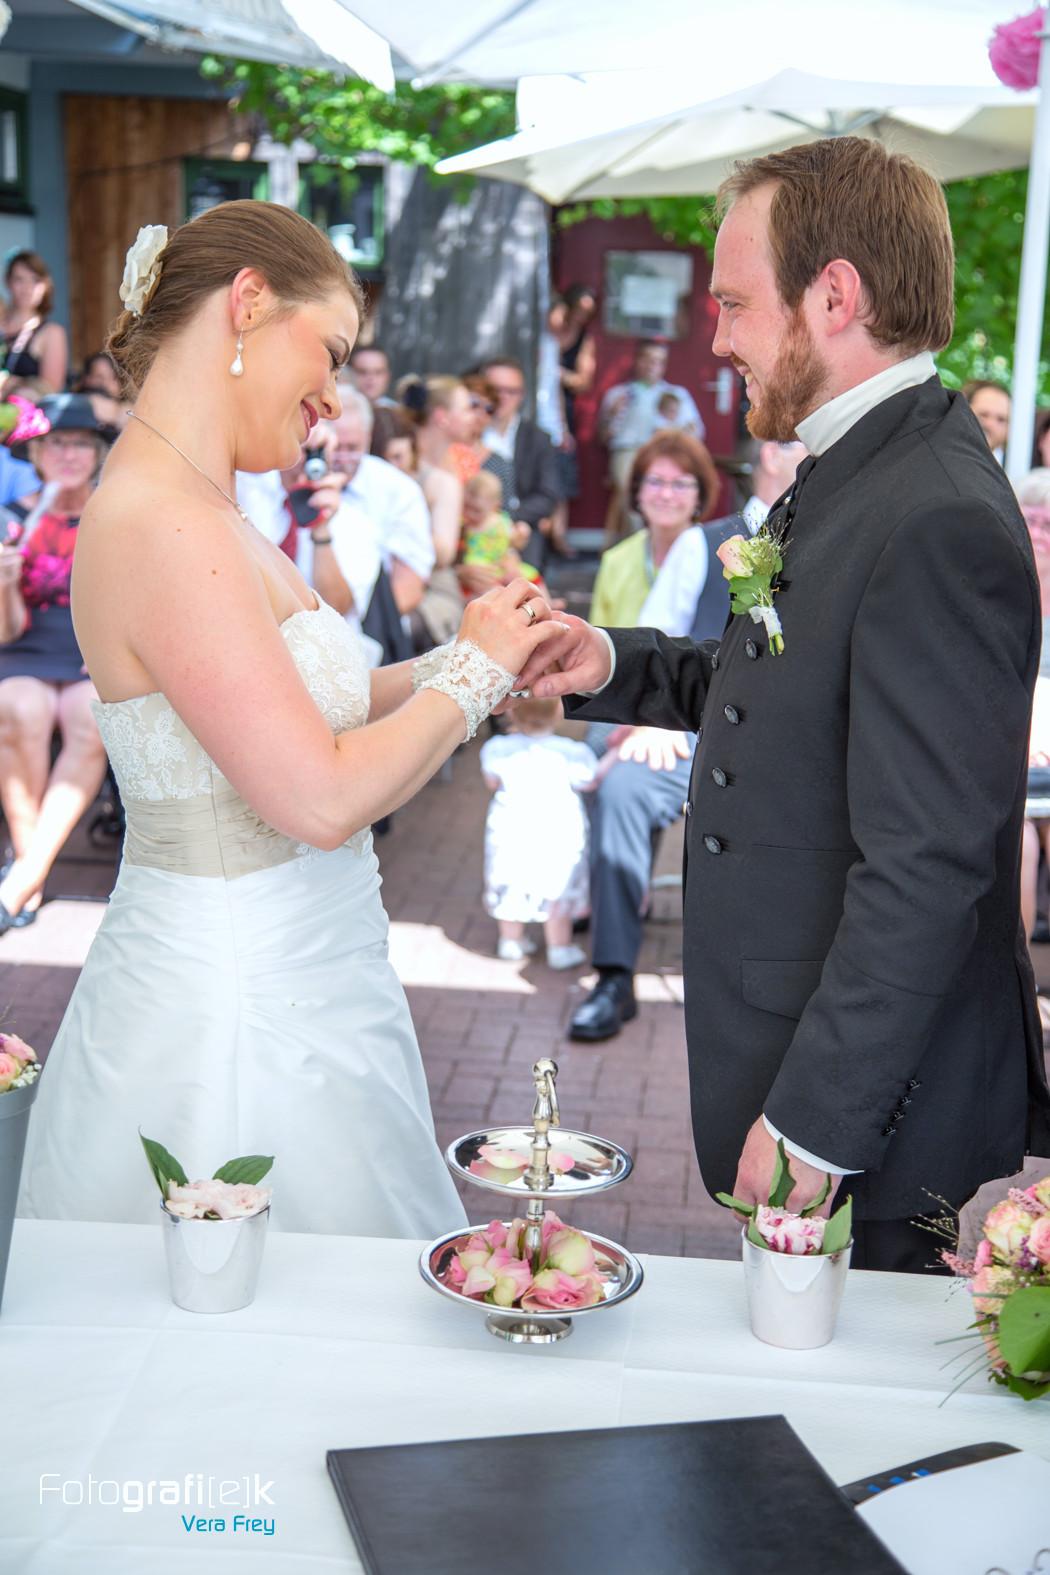 Thomas Gleiß Hochzeit  Hochzeitsfotos von Carolin & Thomas in der Gaststätte